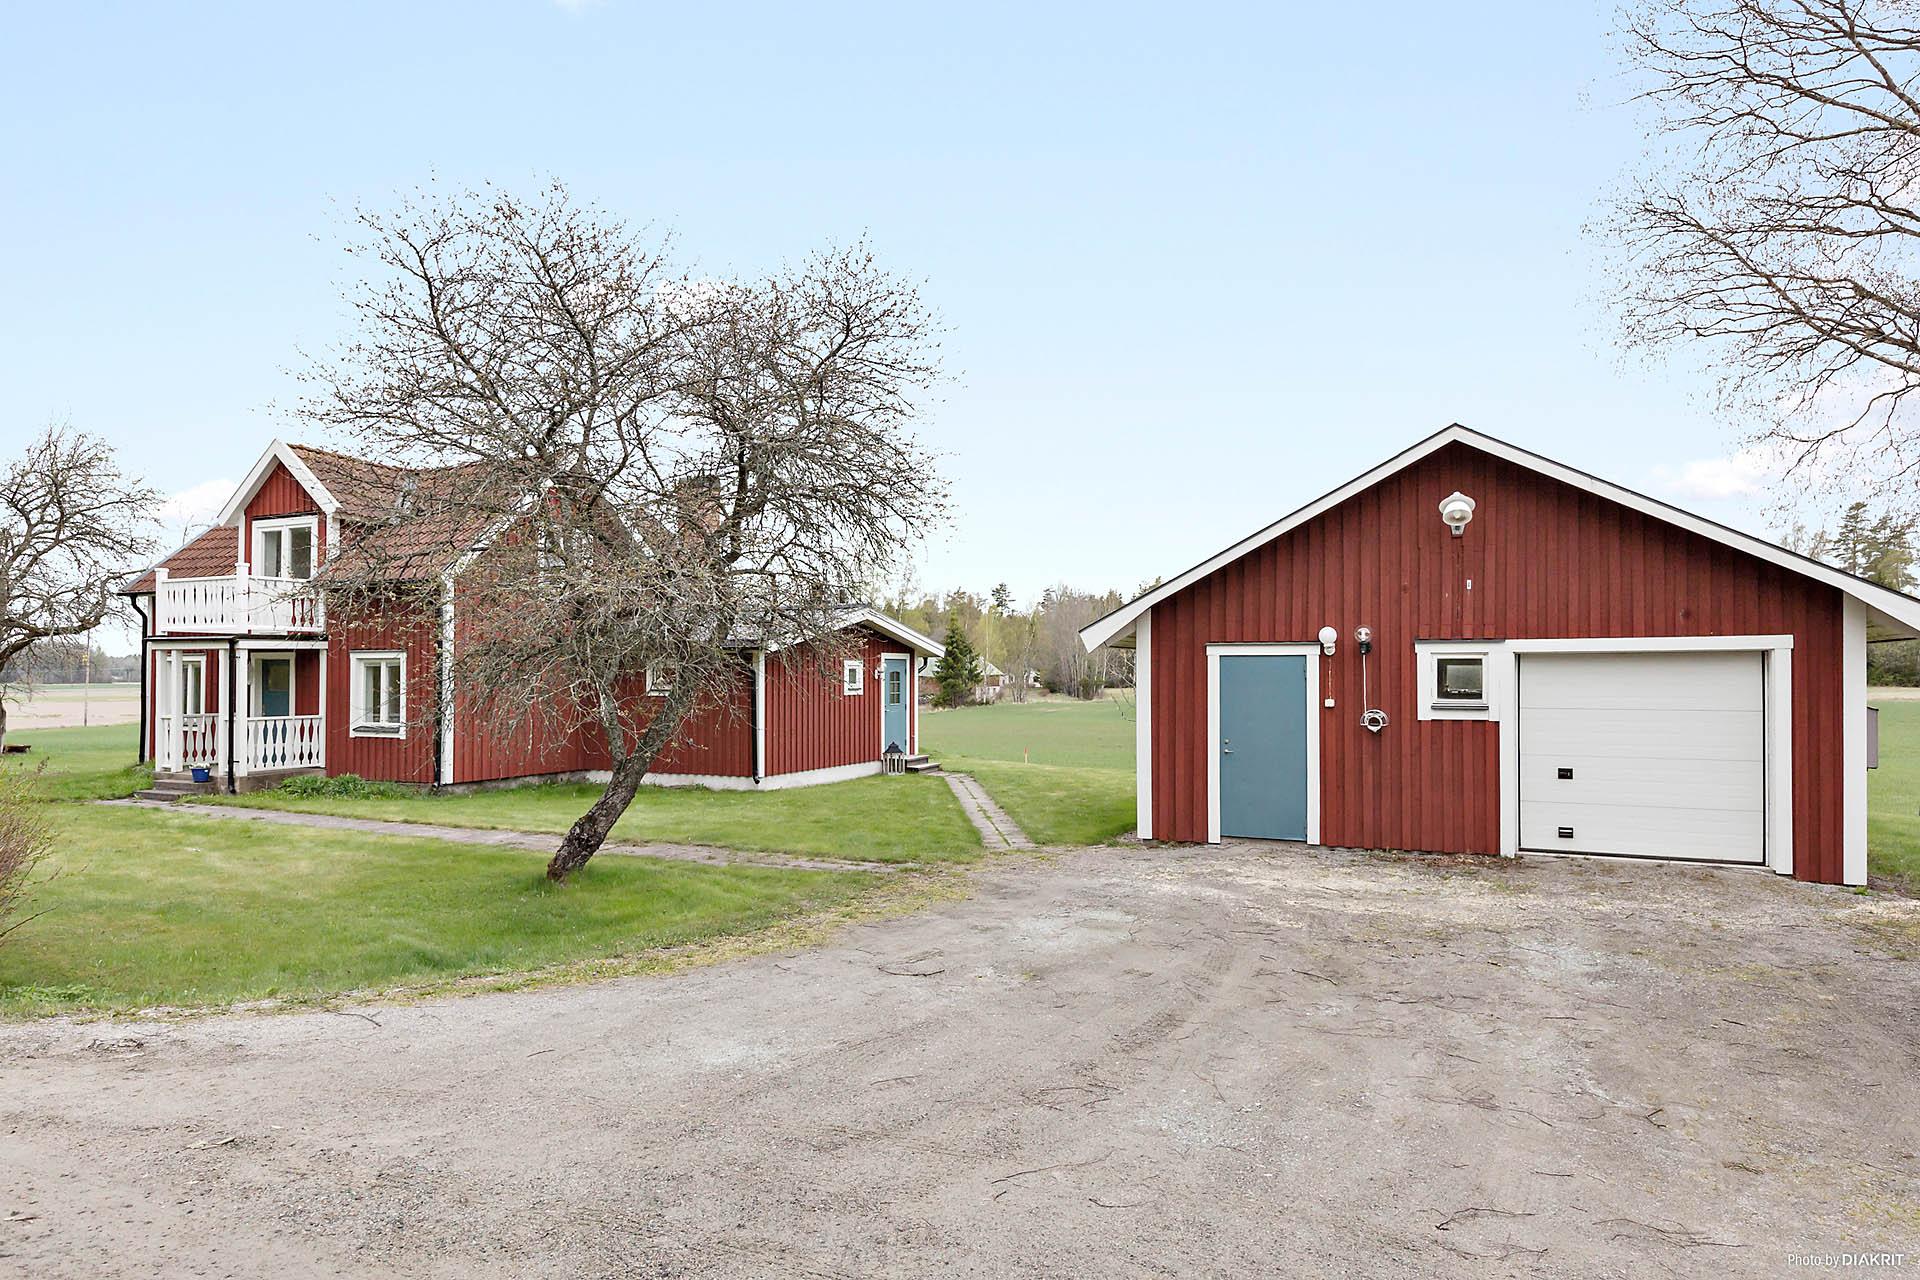 Huset och garaget